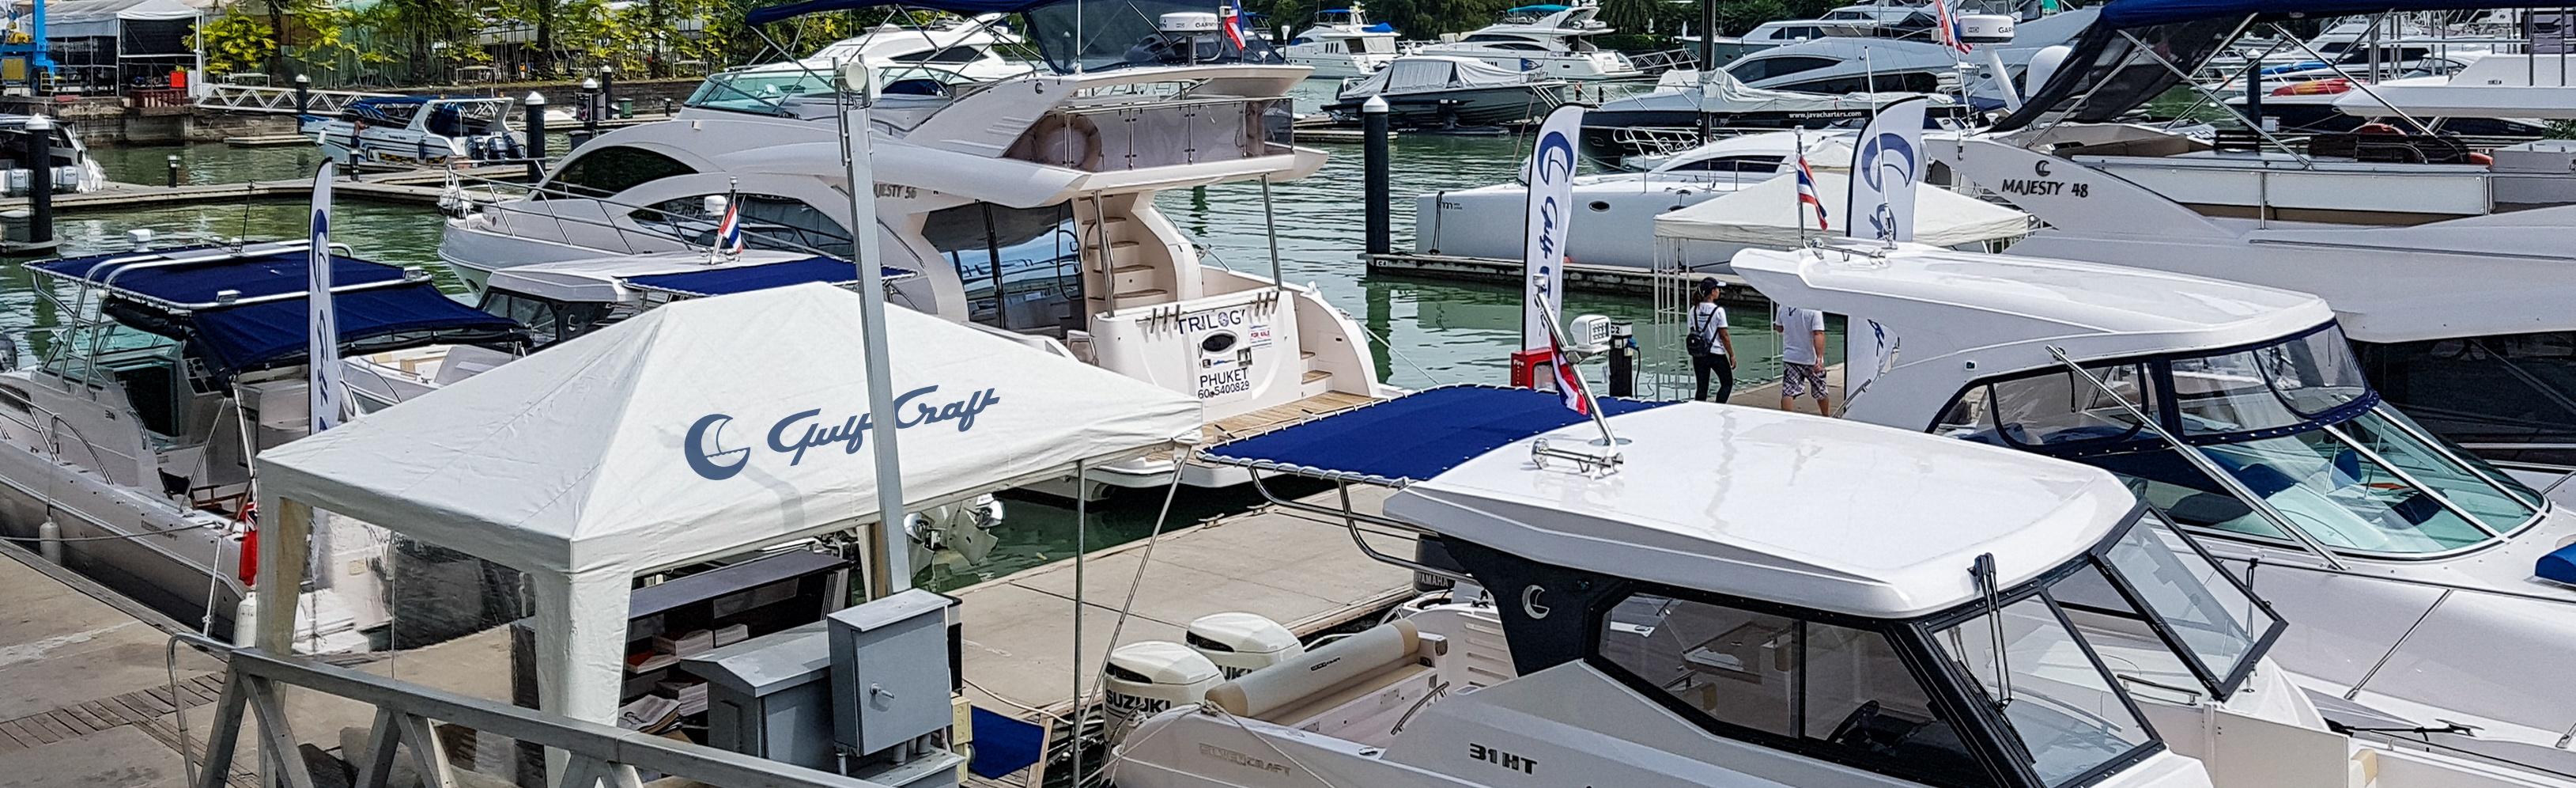 Gulf-Craft,-Phuket-Rendezvous.jpg